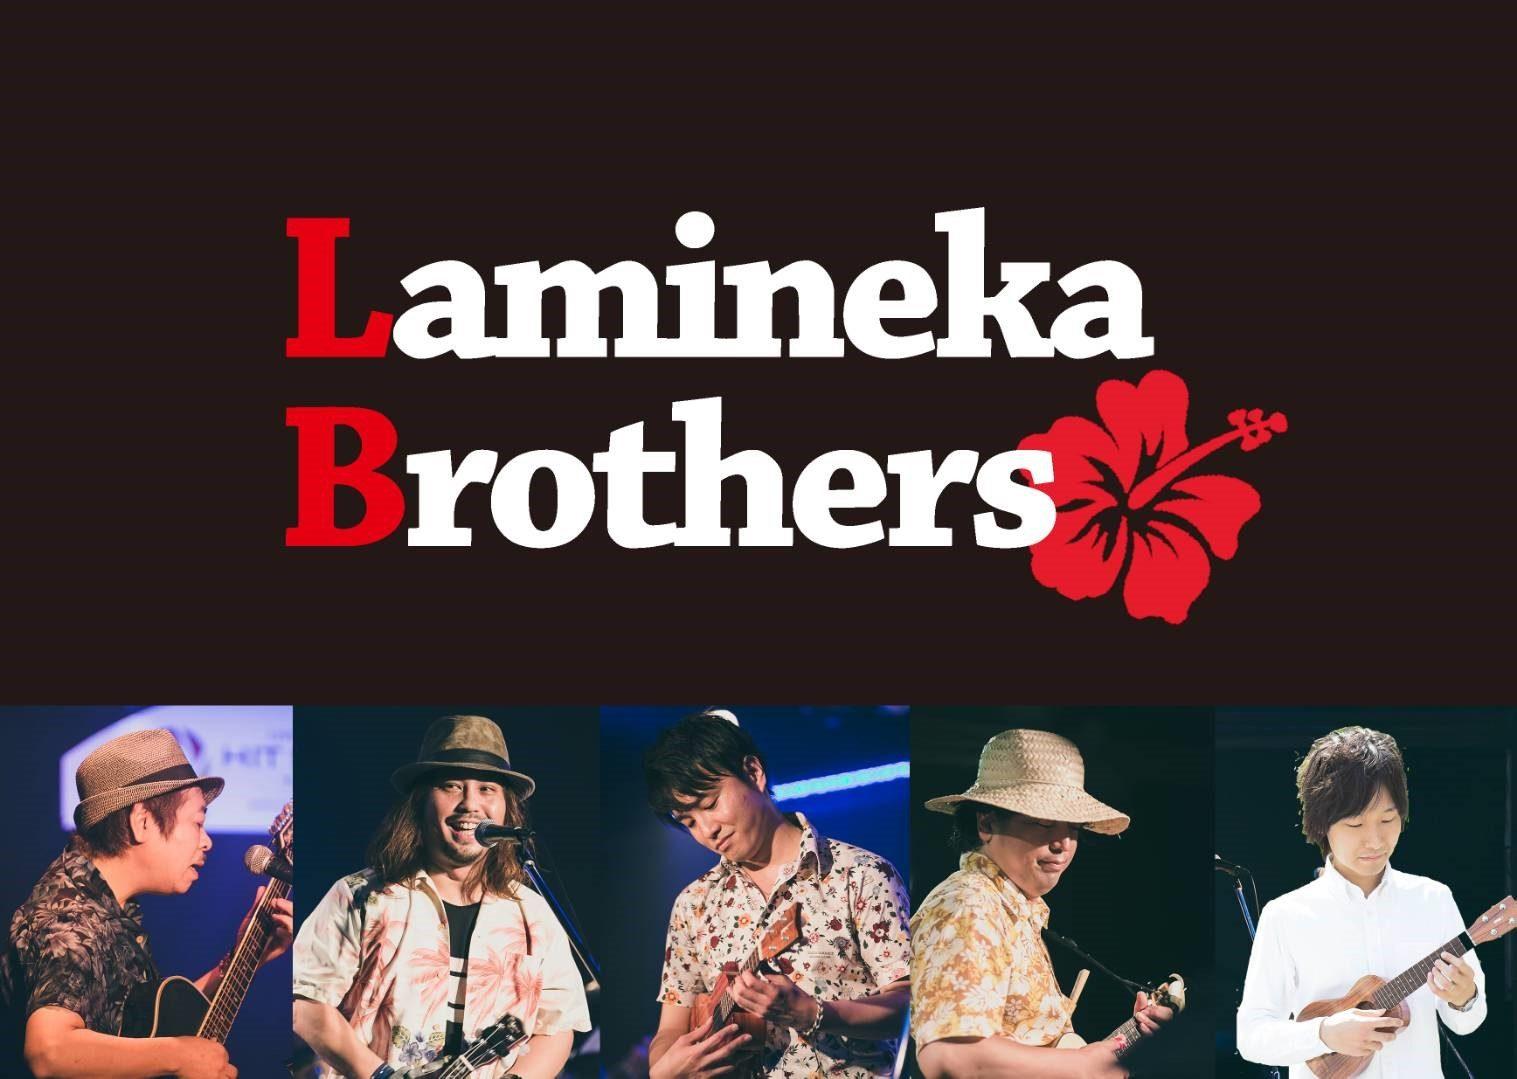 Lamineka Brothers(ラミネカ・ブラザーズ)